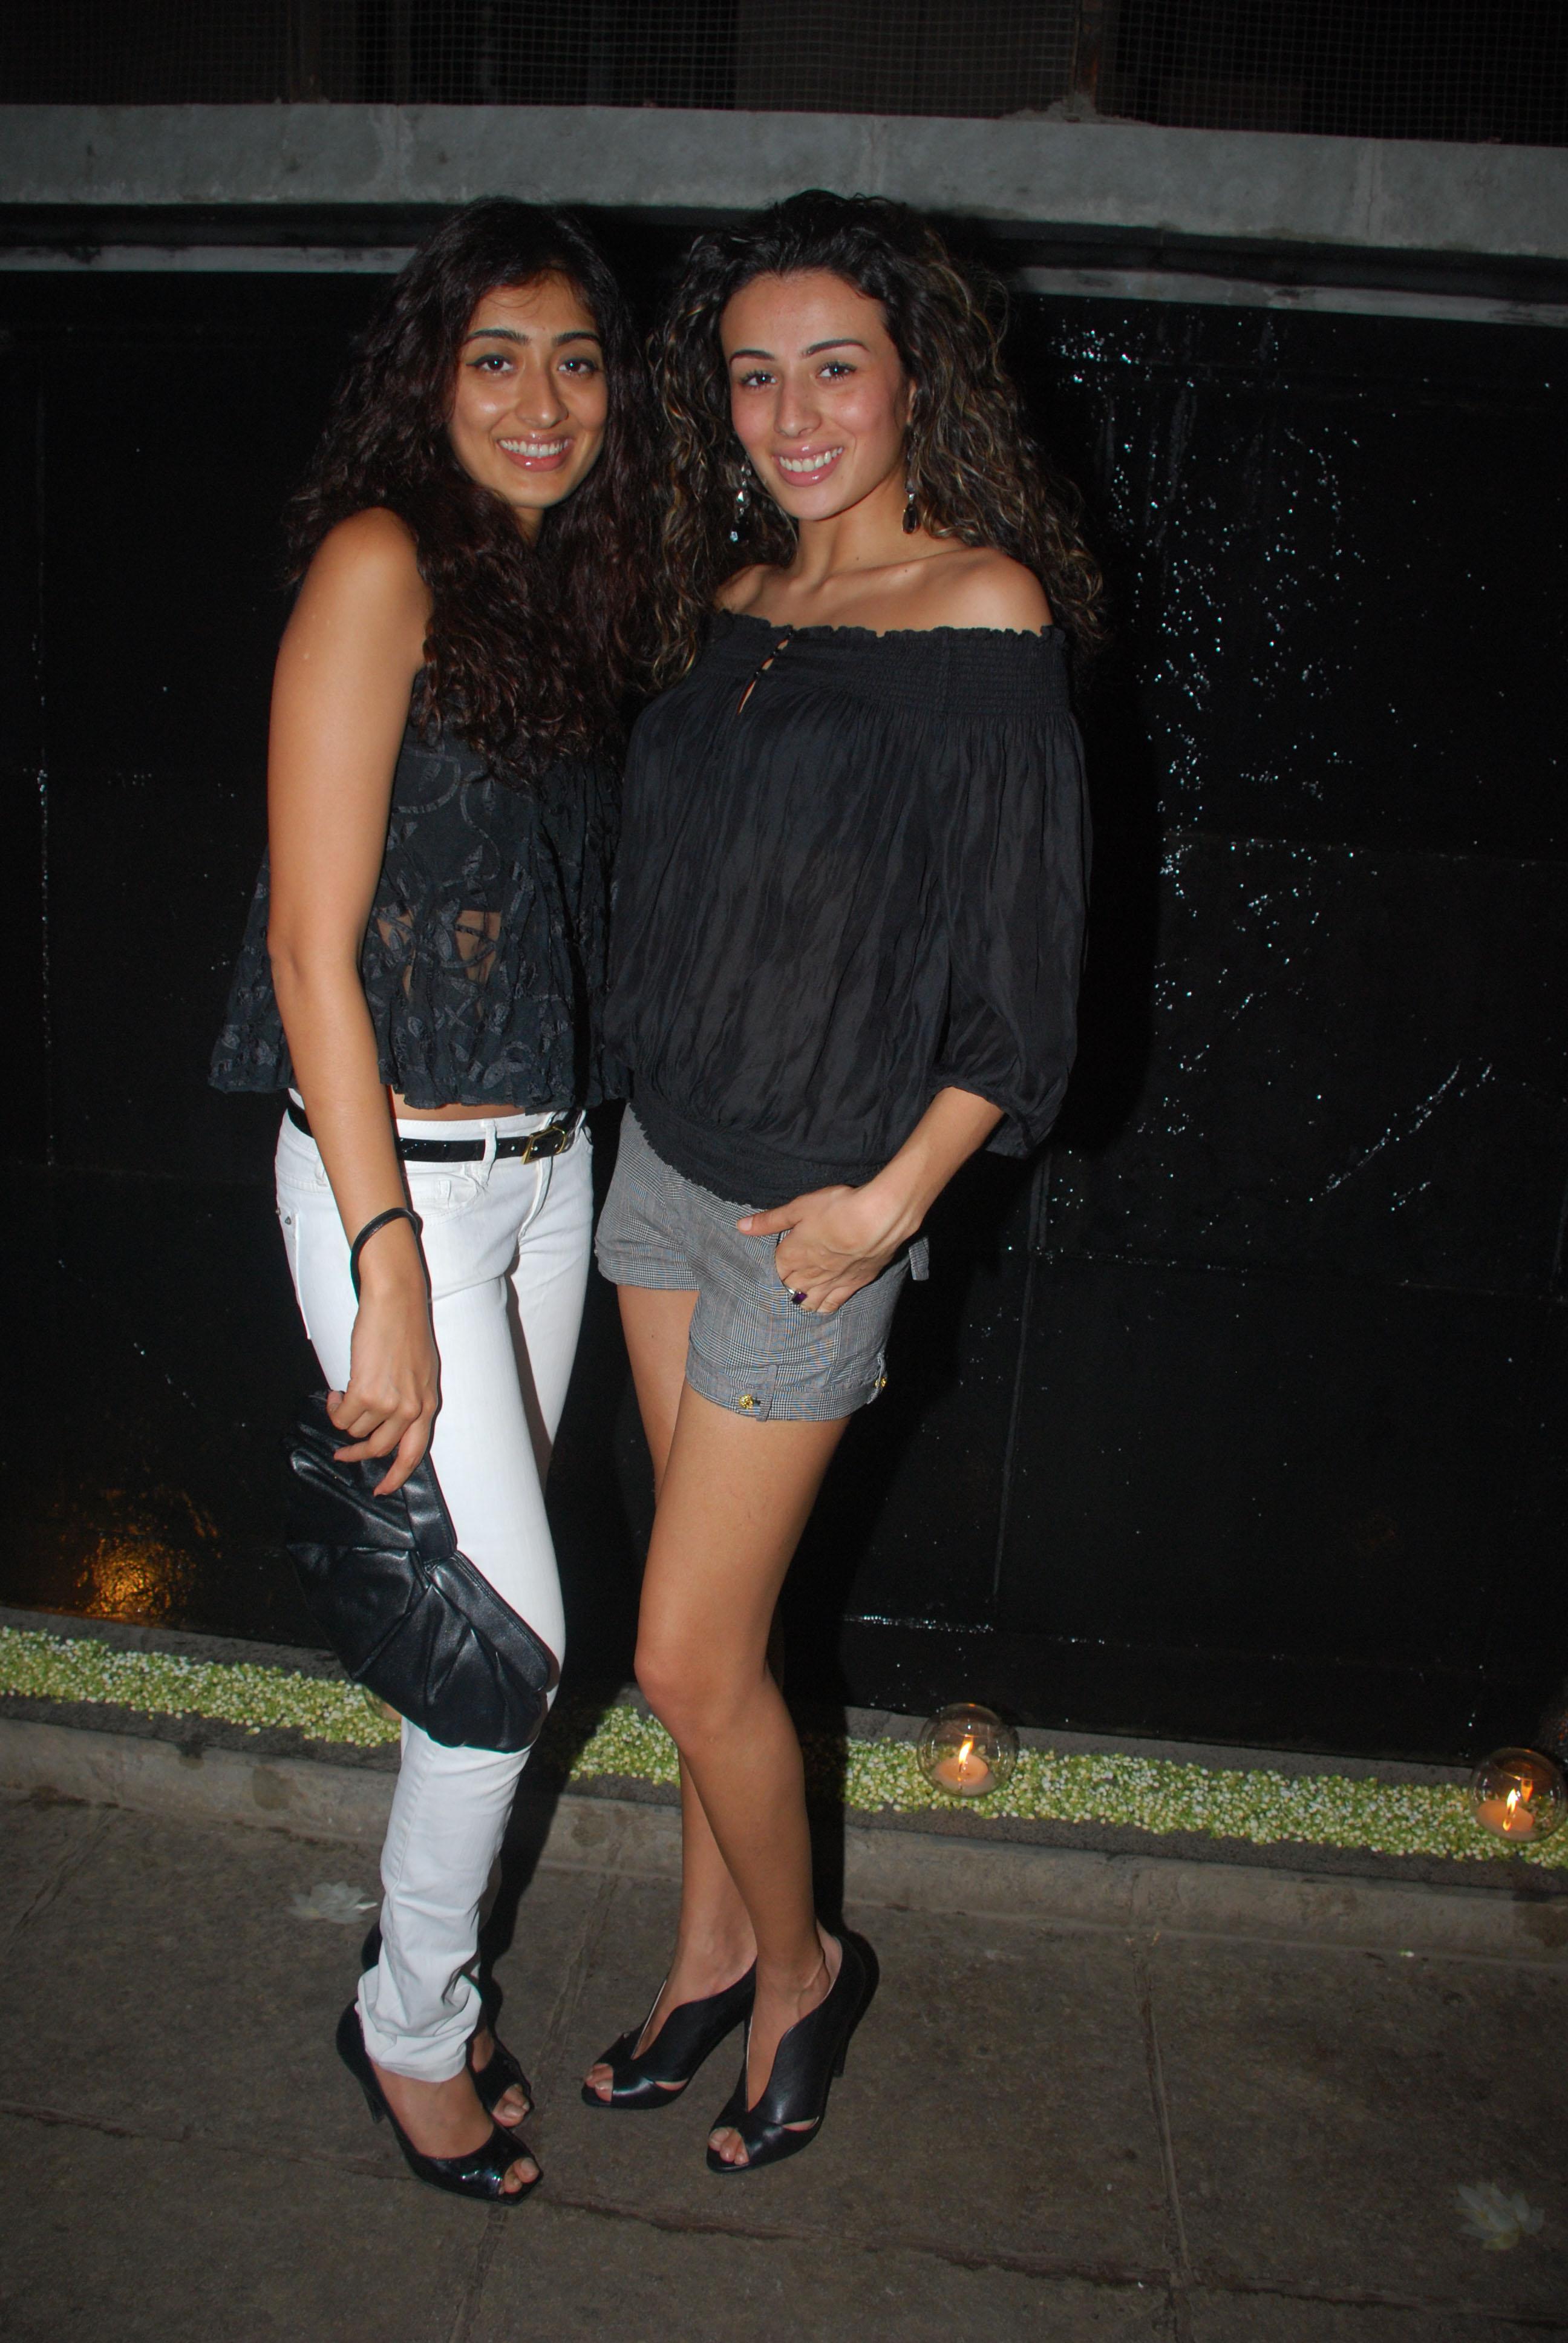 Binal and Pia Trivedi